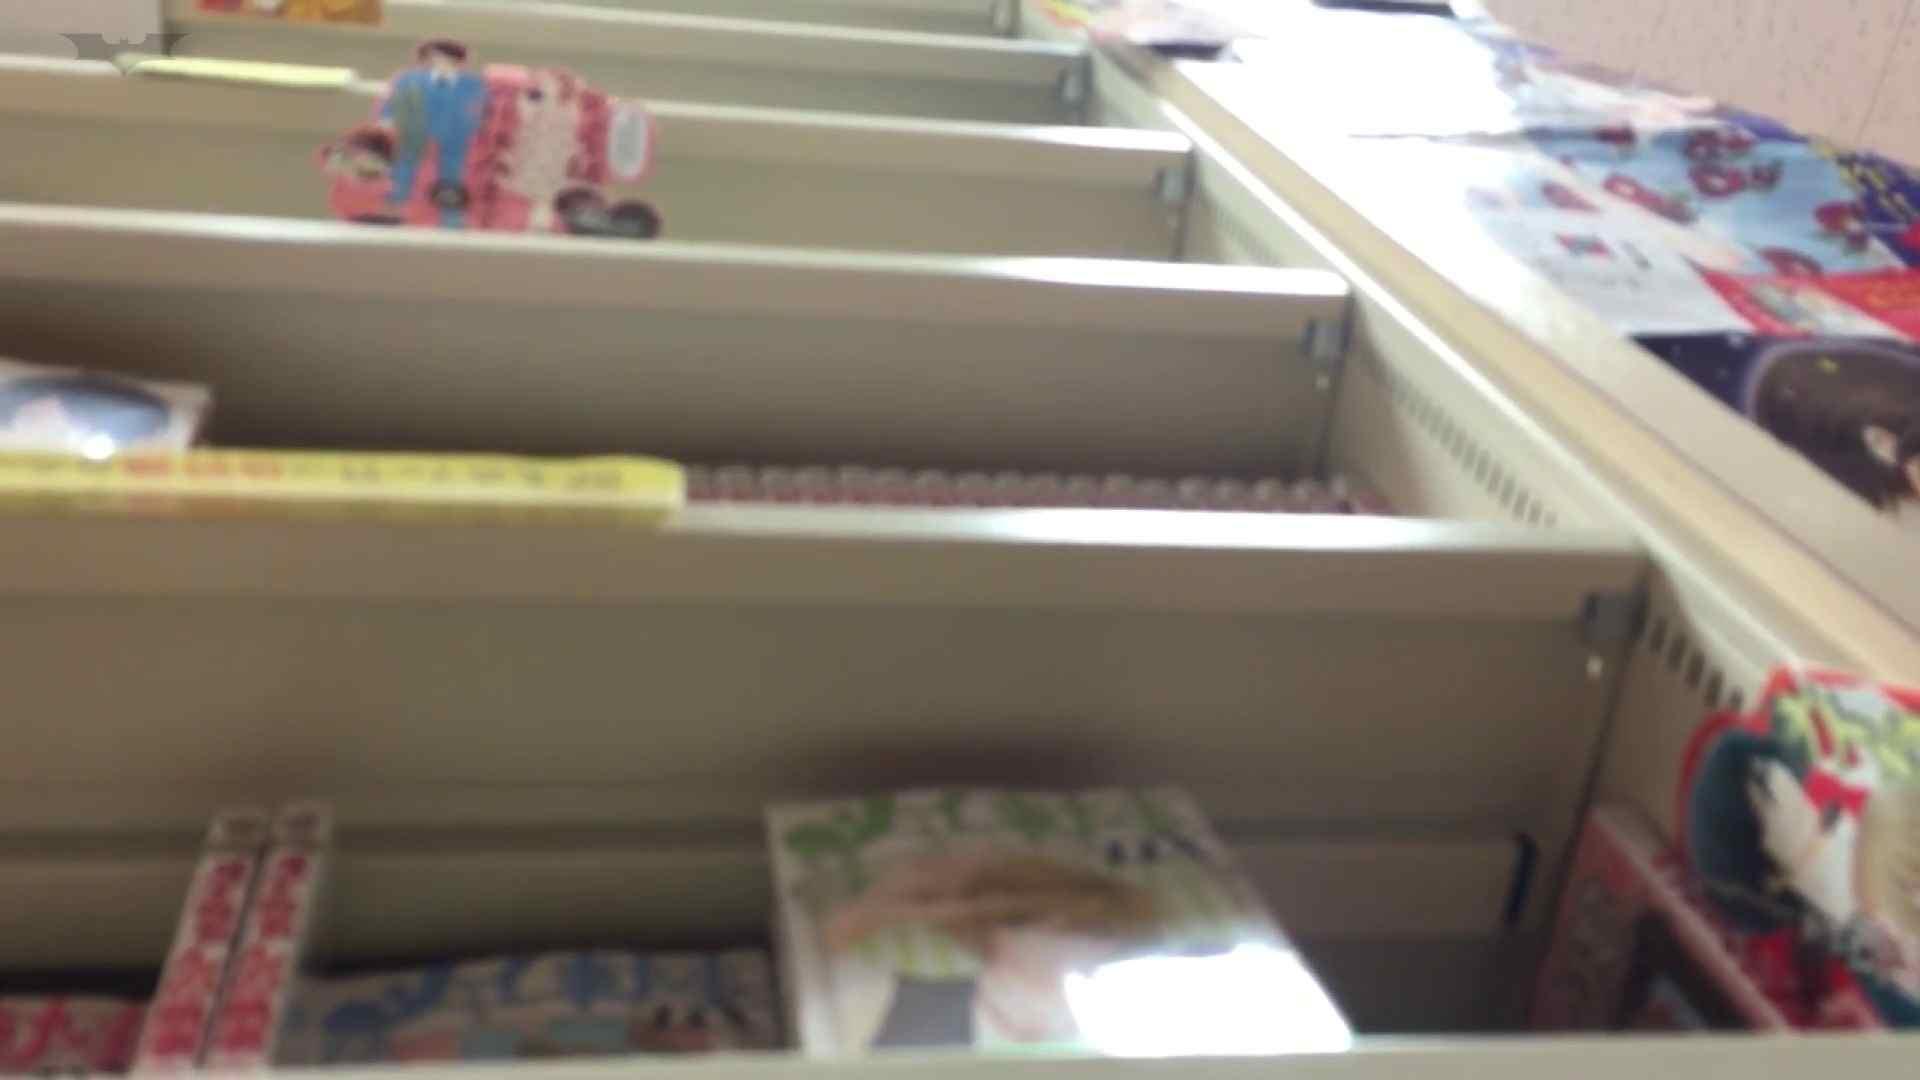 期間限定 超炉利盗撮 番外Vol.11 パンチラマーケット チラ すけべAV動画紹介 72画像 58